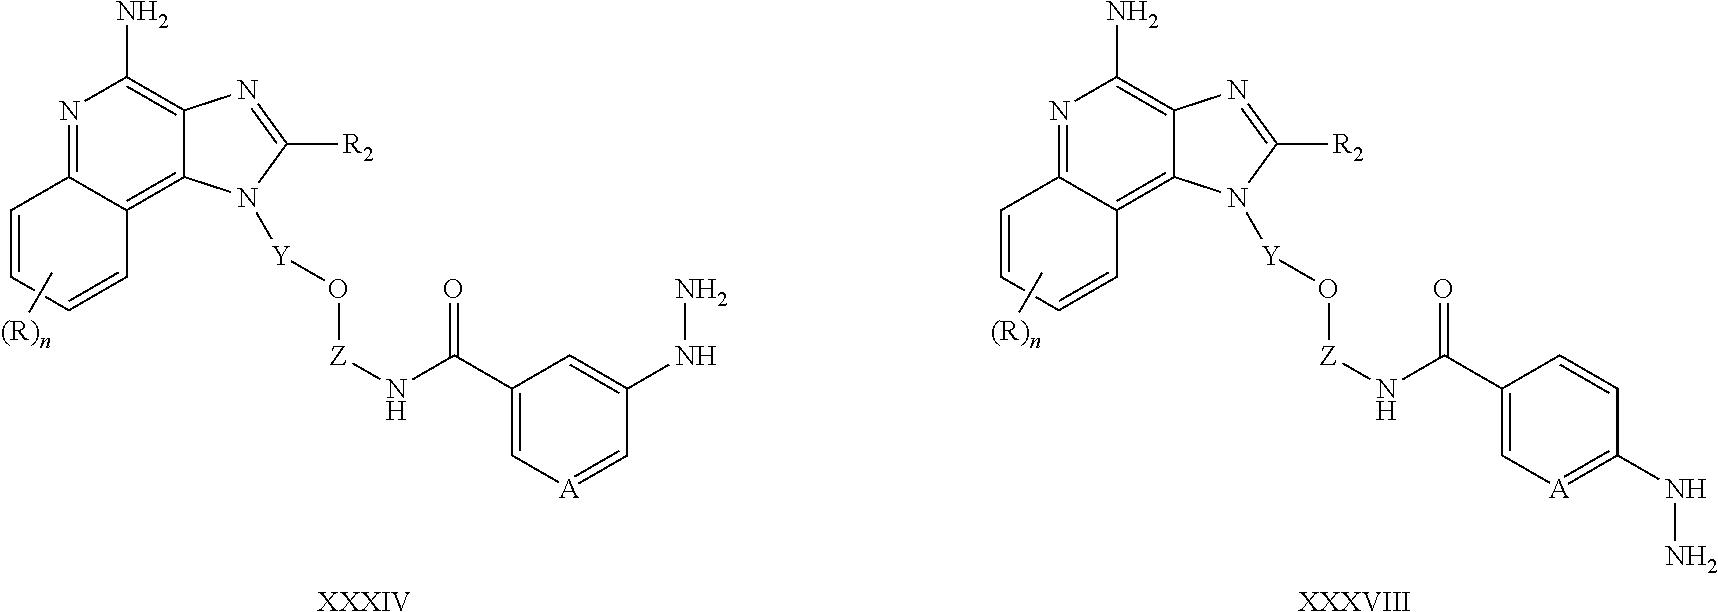 Figure US09107958-20150818-C00016